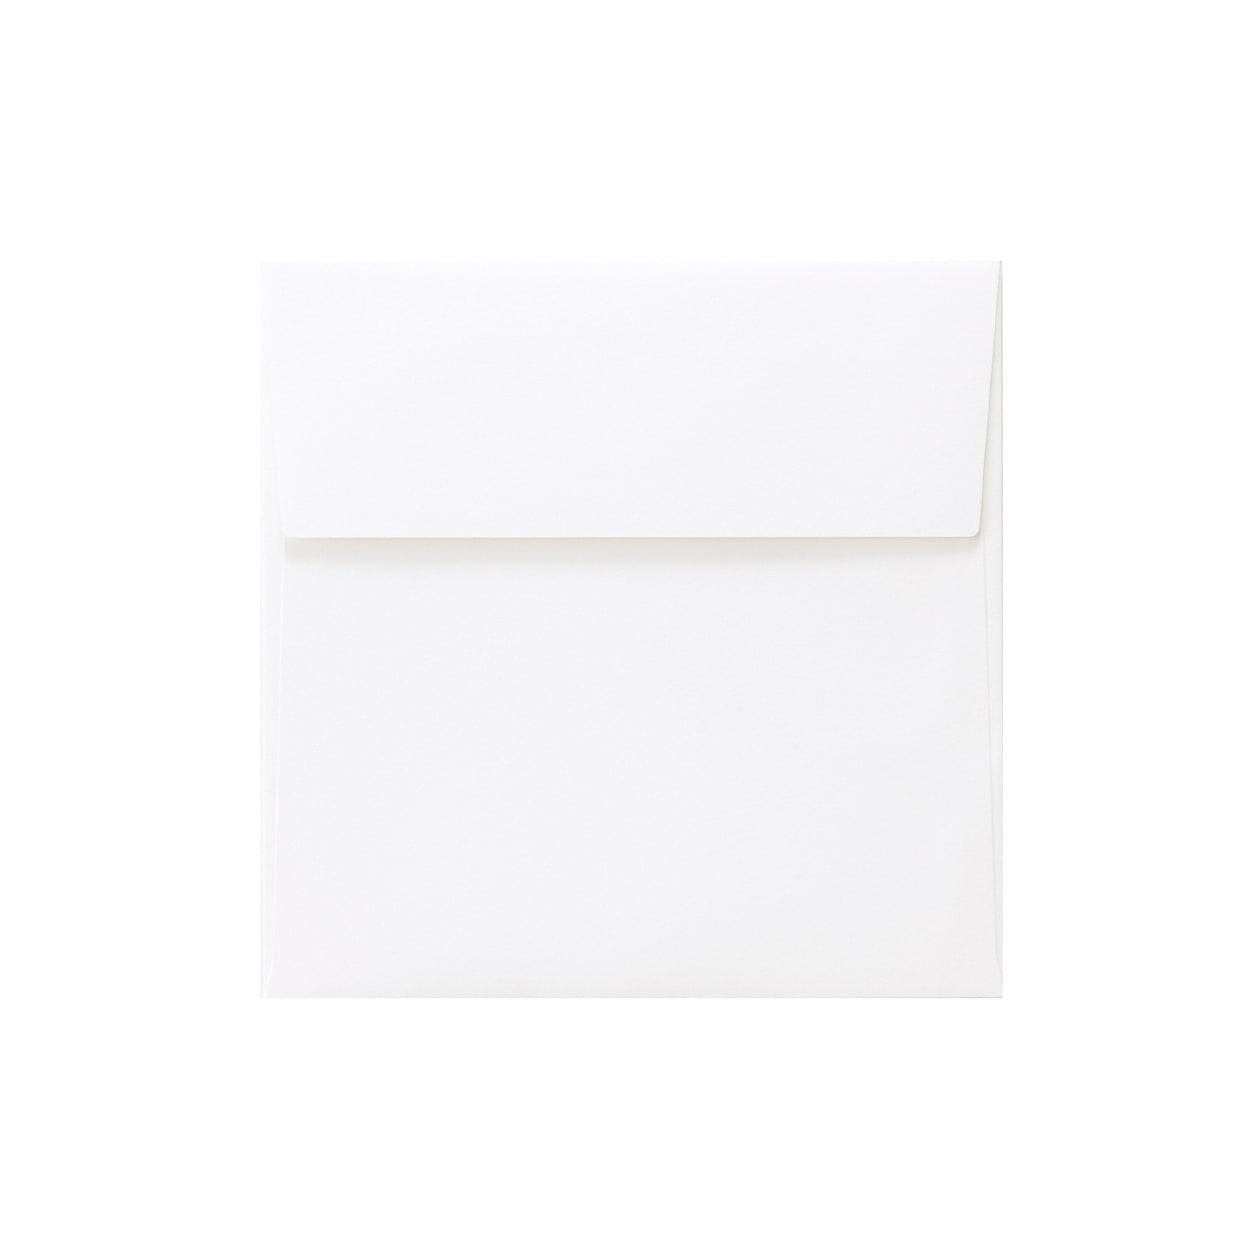 SE16カマス封筒 コットン スノーホワイト 116.3g